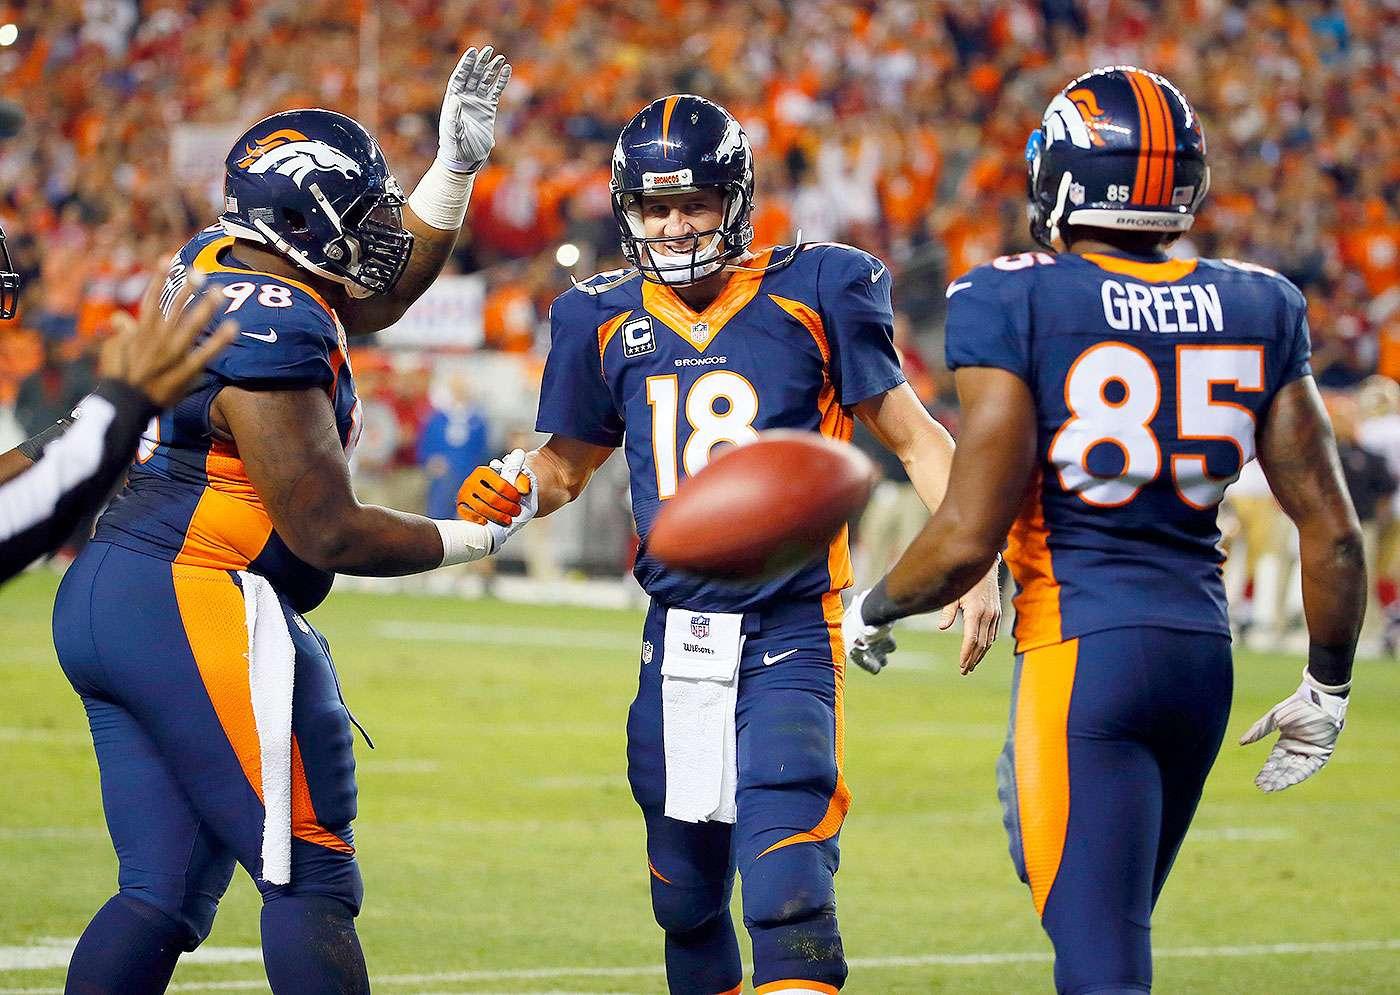 Peyton Manning rompió el récord de Brett Favre, al llegar a 509 pases de anotación en su carrera, y los Denver Broncos apabullaron por 42-17 a los San Francisco 49ers en la semana 7 de la NFL 2014. Foto: AP